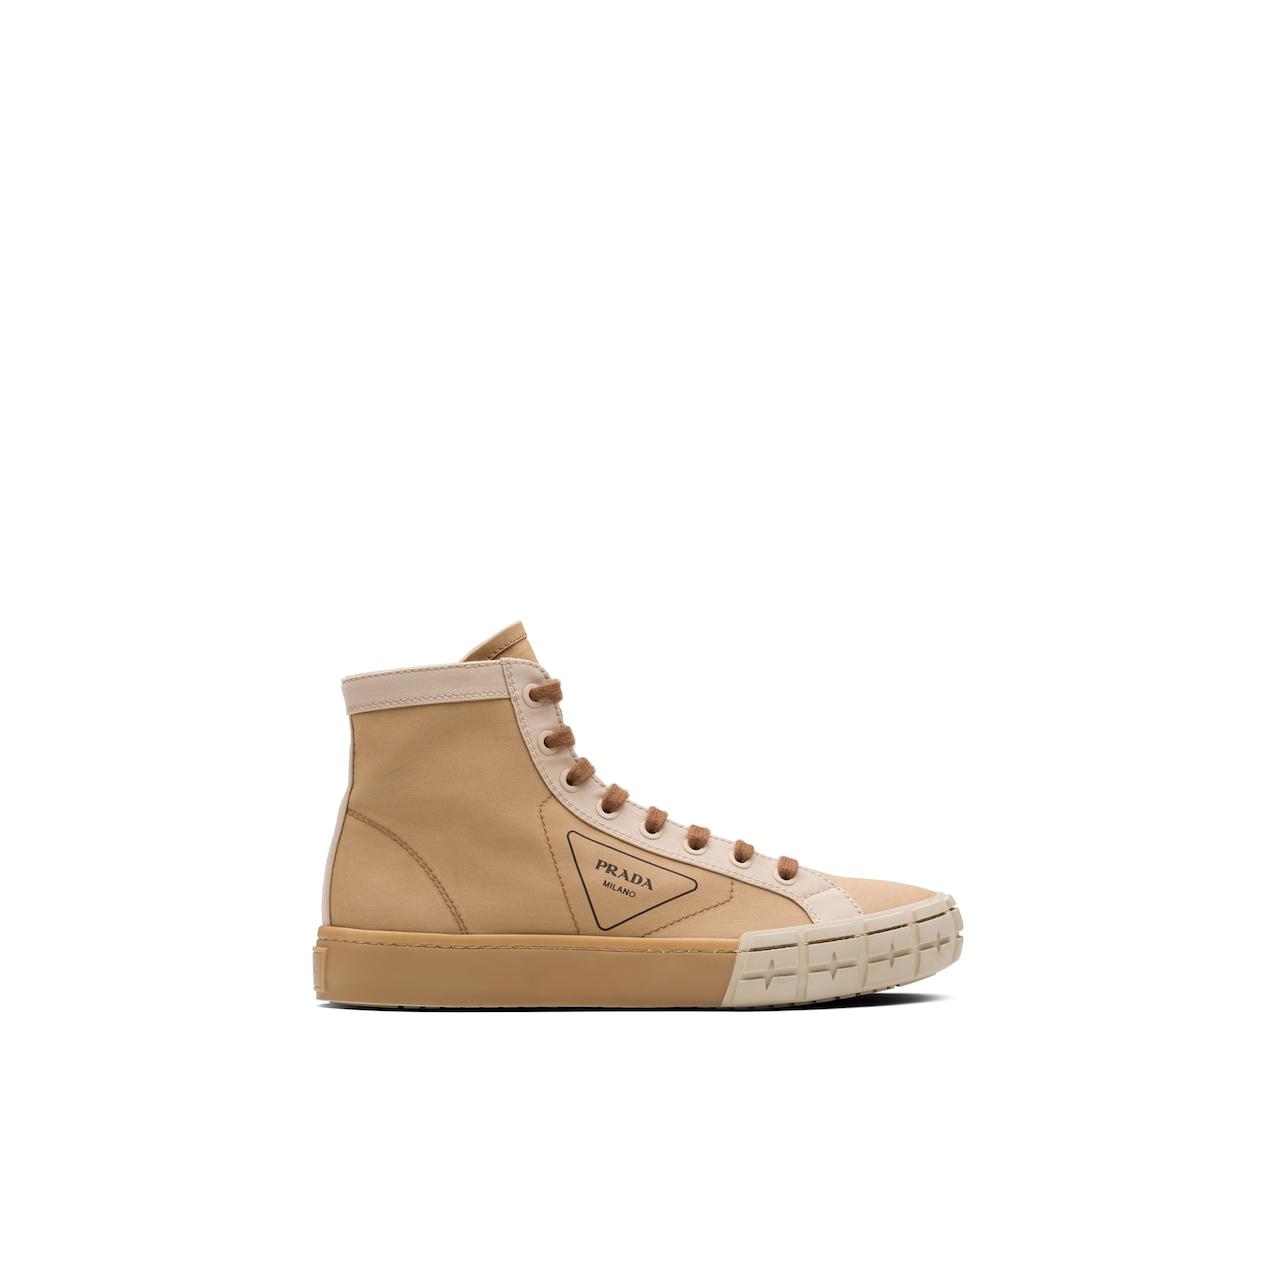 Prada 高帮织物运动鞋 4